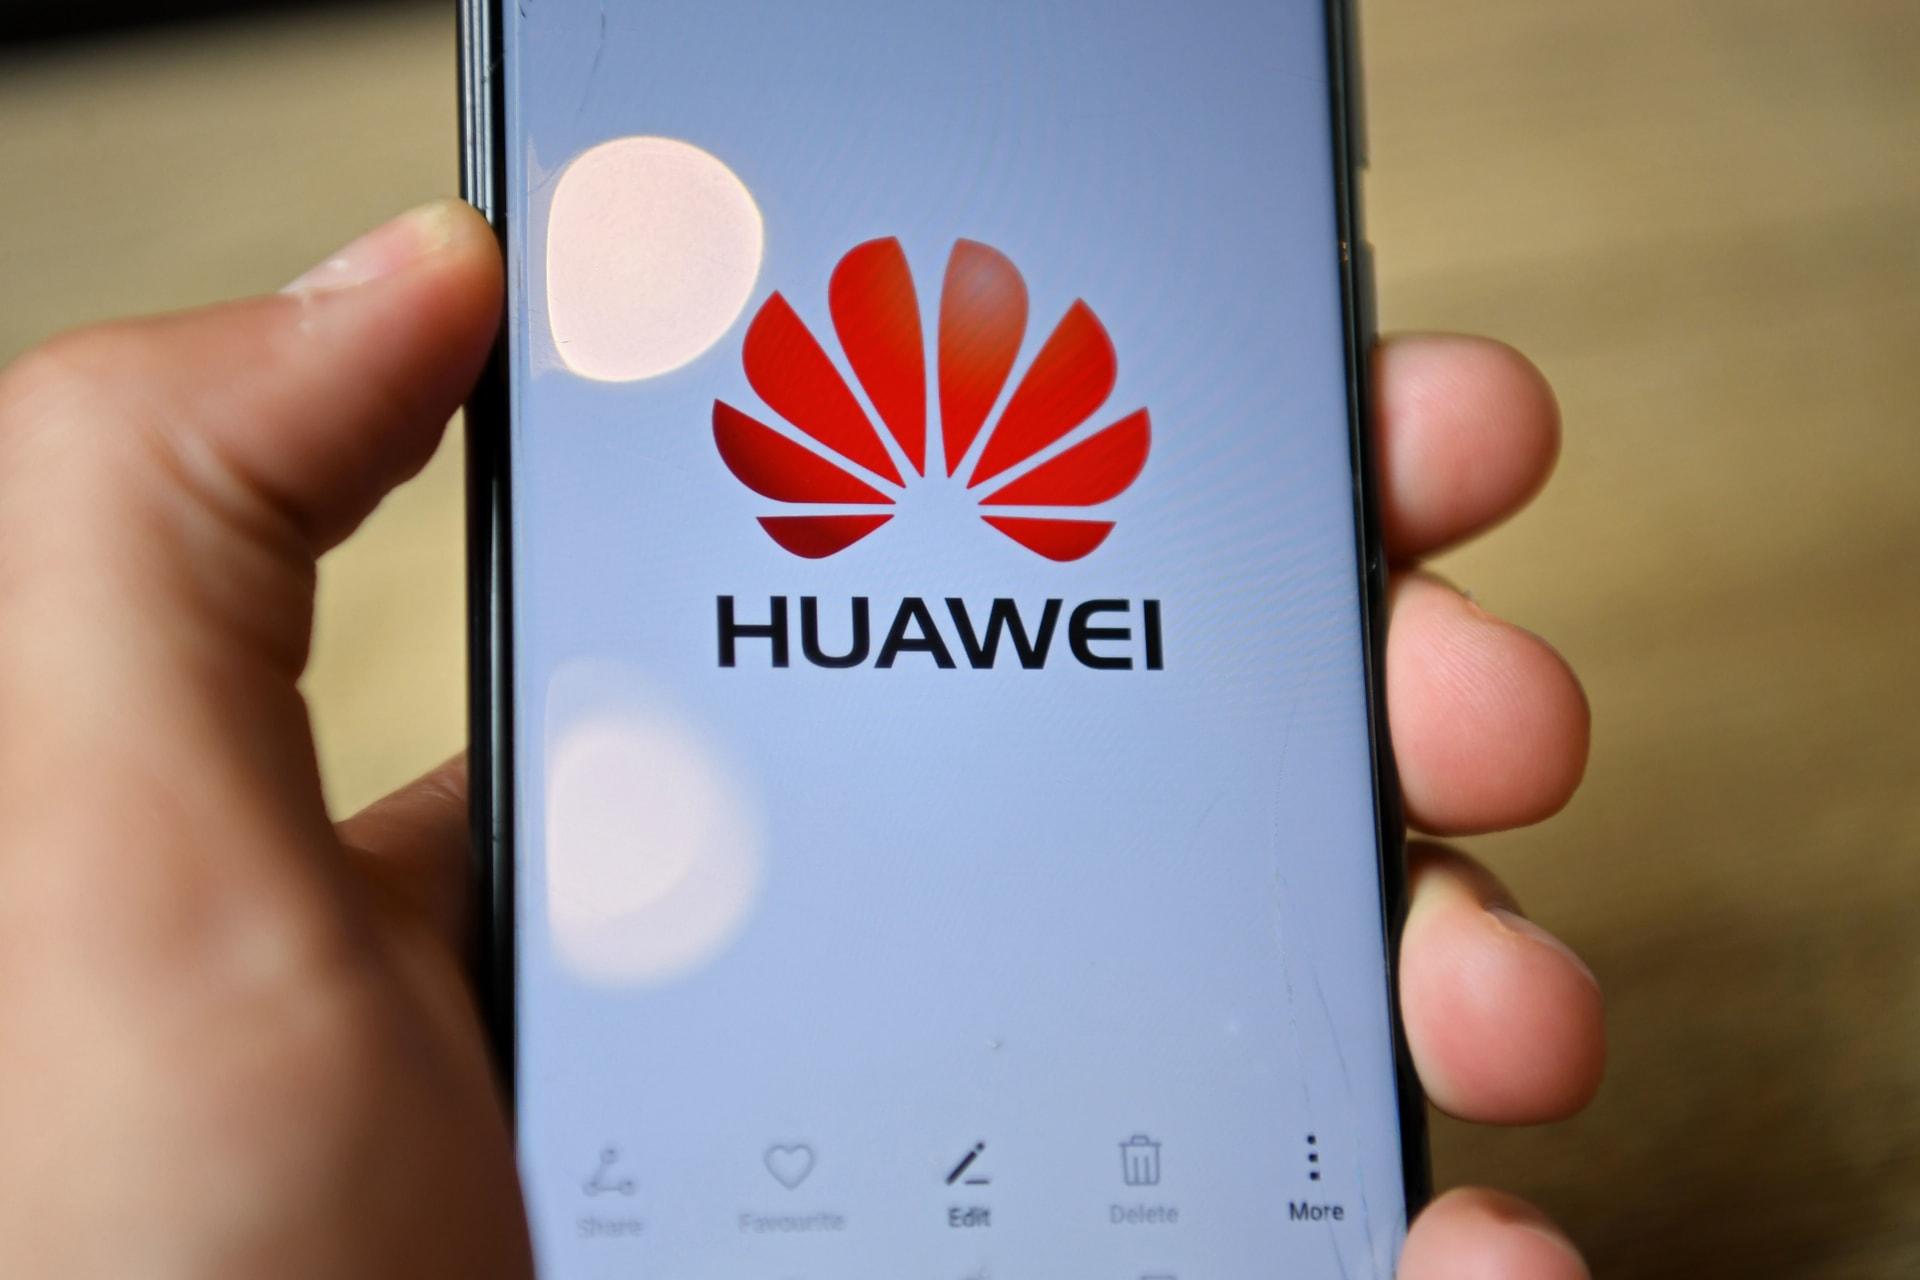 العقوبات الأمريكية الجديدة تخنق ببطء أعمال هواوي في مجال الهواتف الذكية